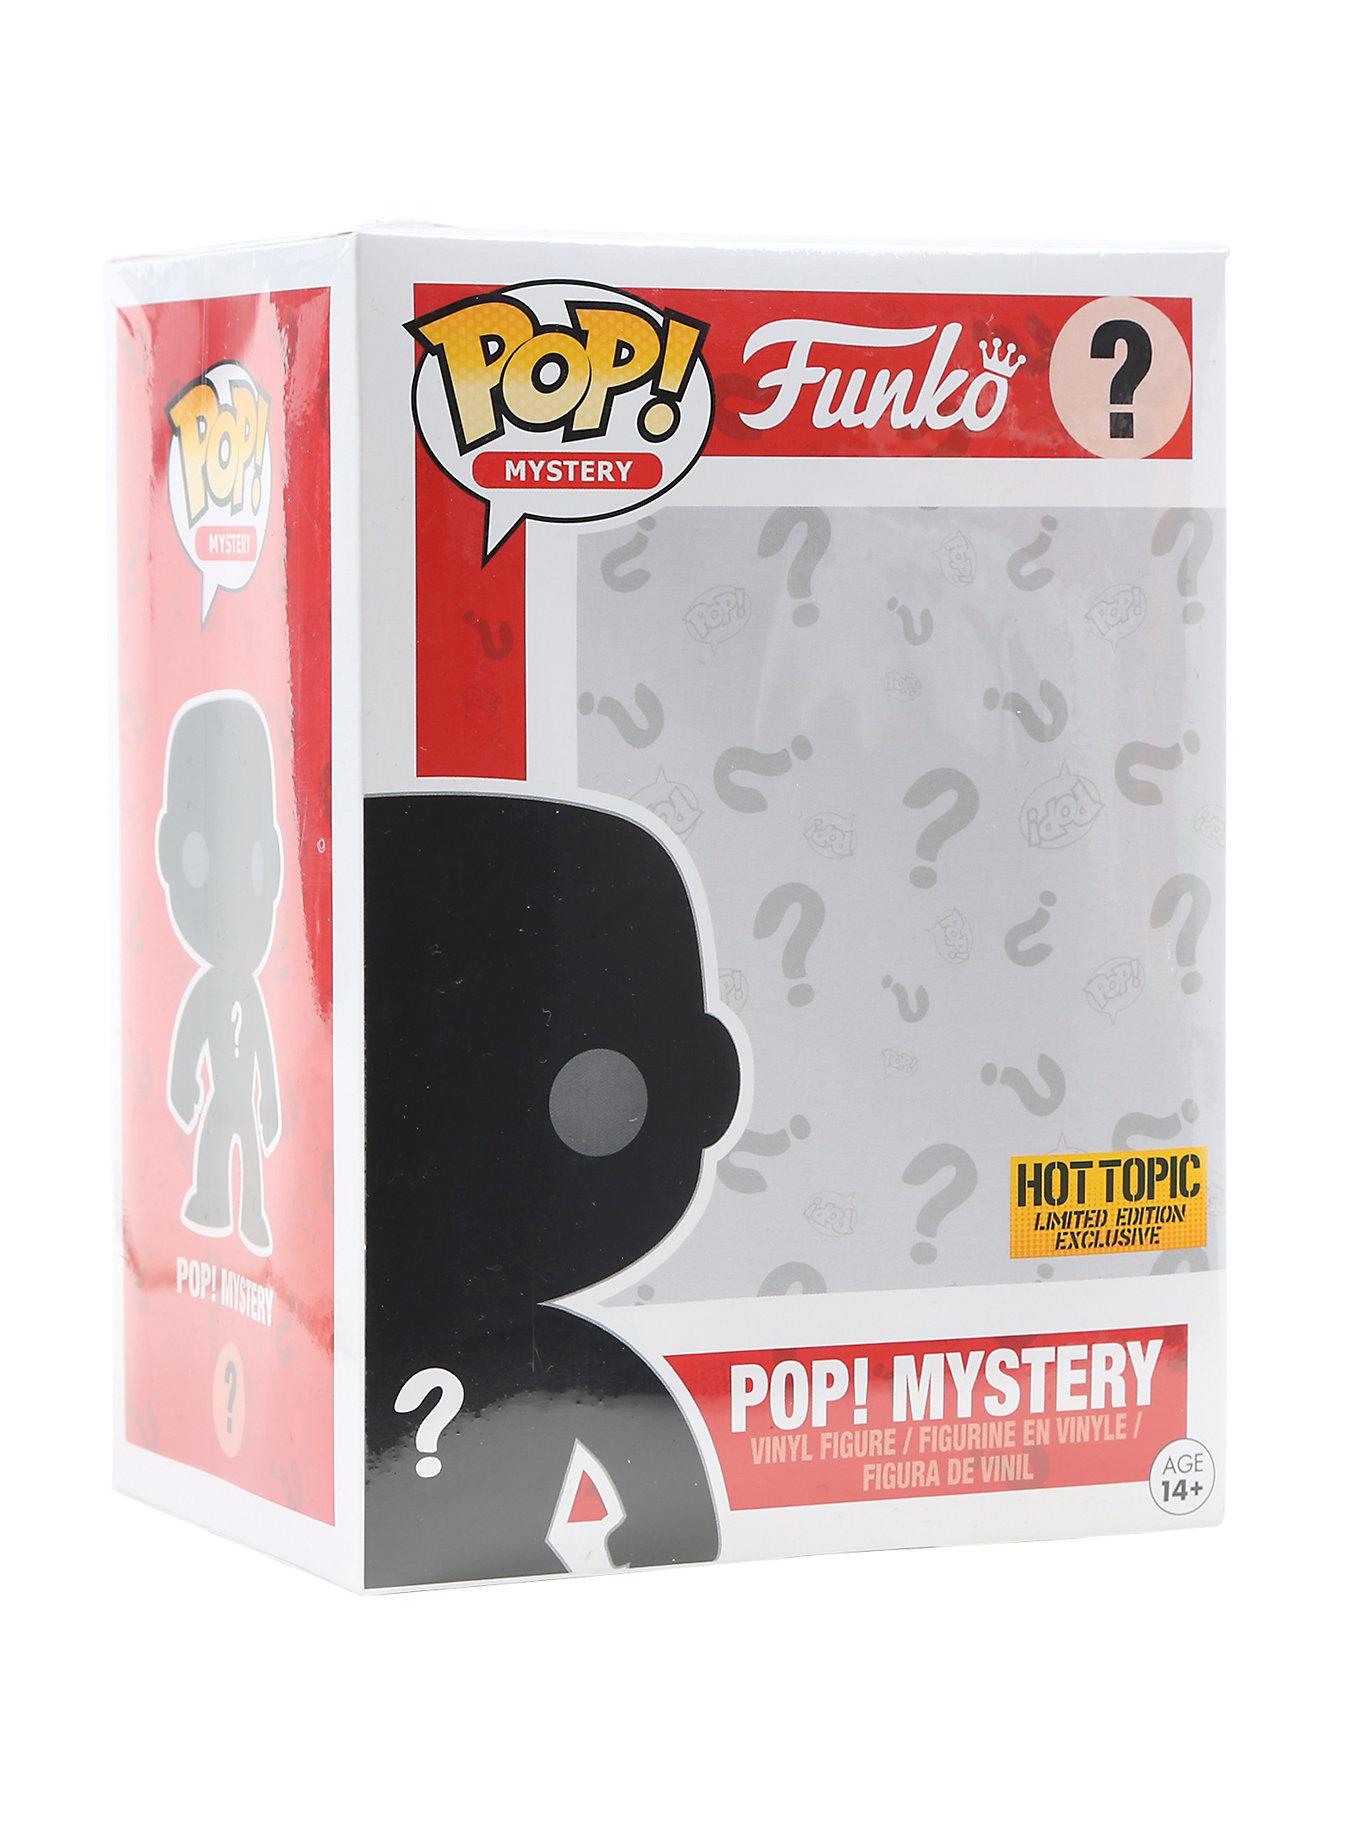 Deadpool Pop Vinyl Mystery Blind Box Out Now Popvinyls Com